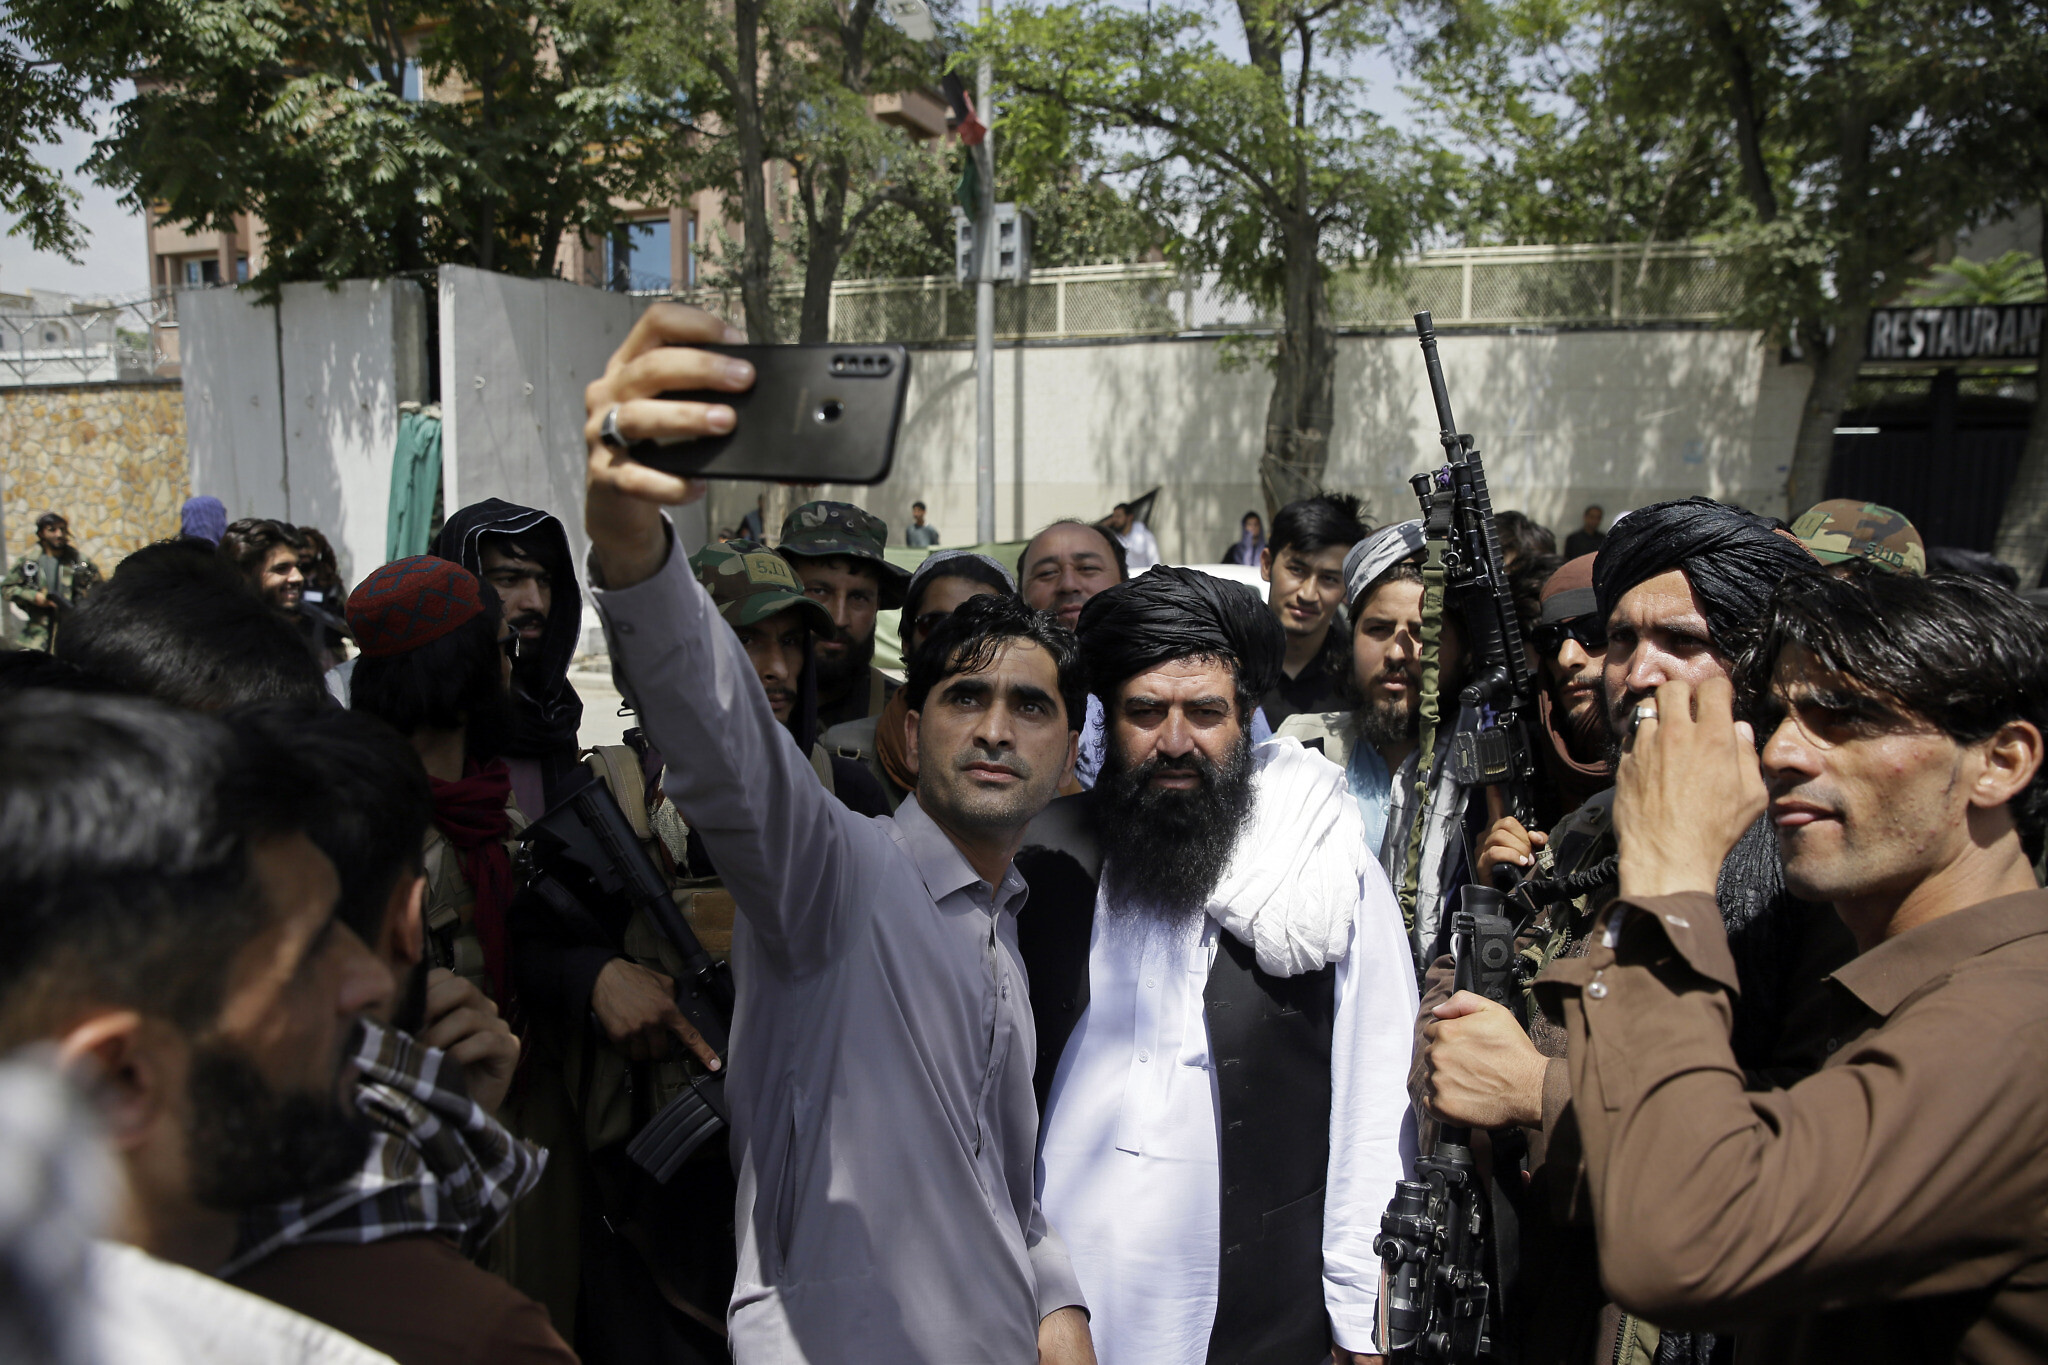 Facebook отключил функцию просмотра друзей для профилей из Афганистана. Чтобы защитить от преследований